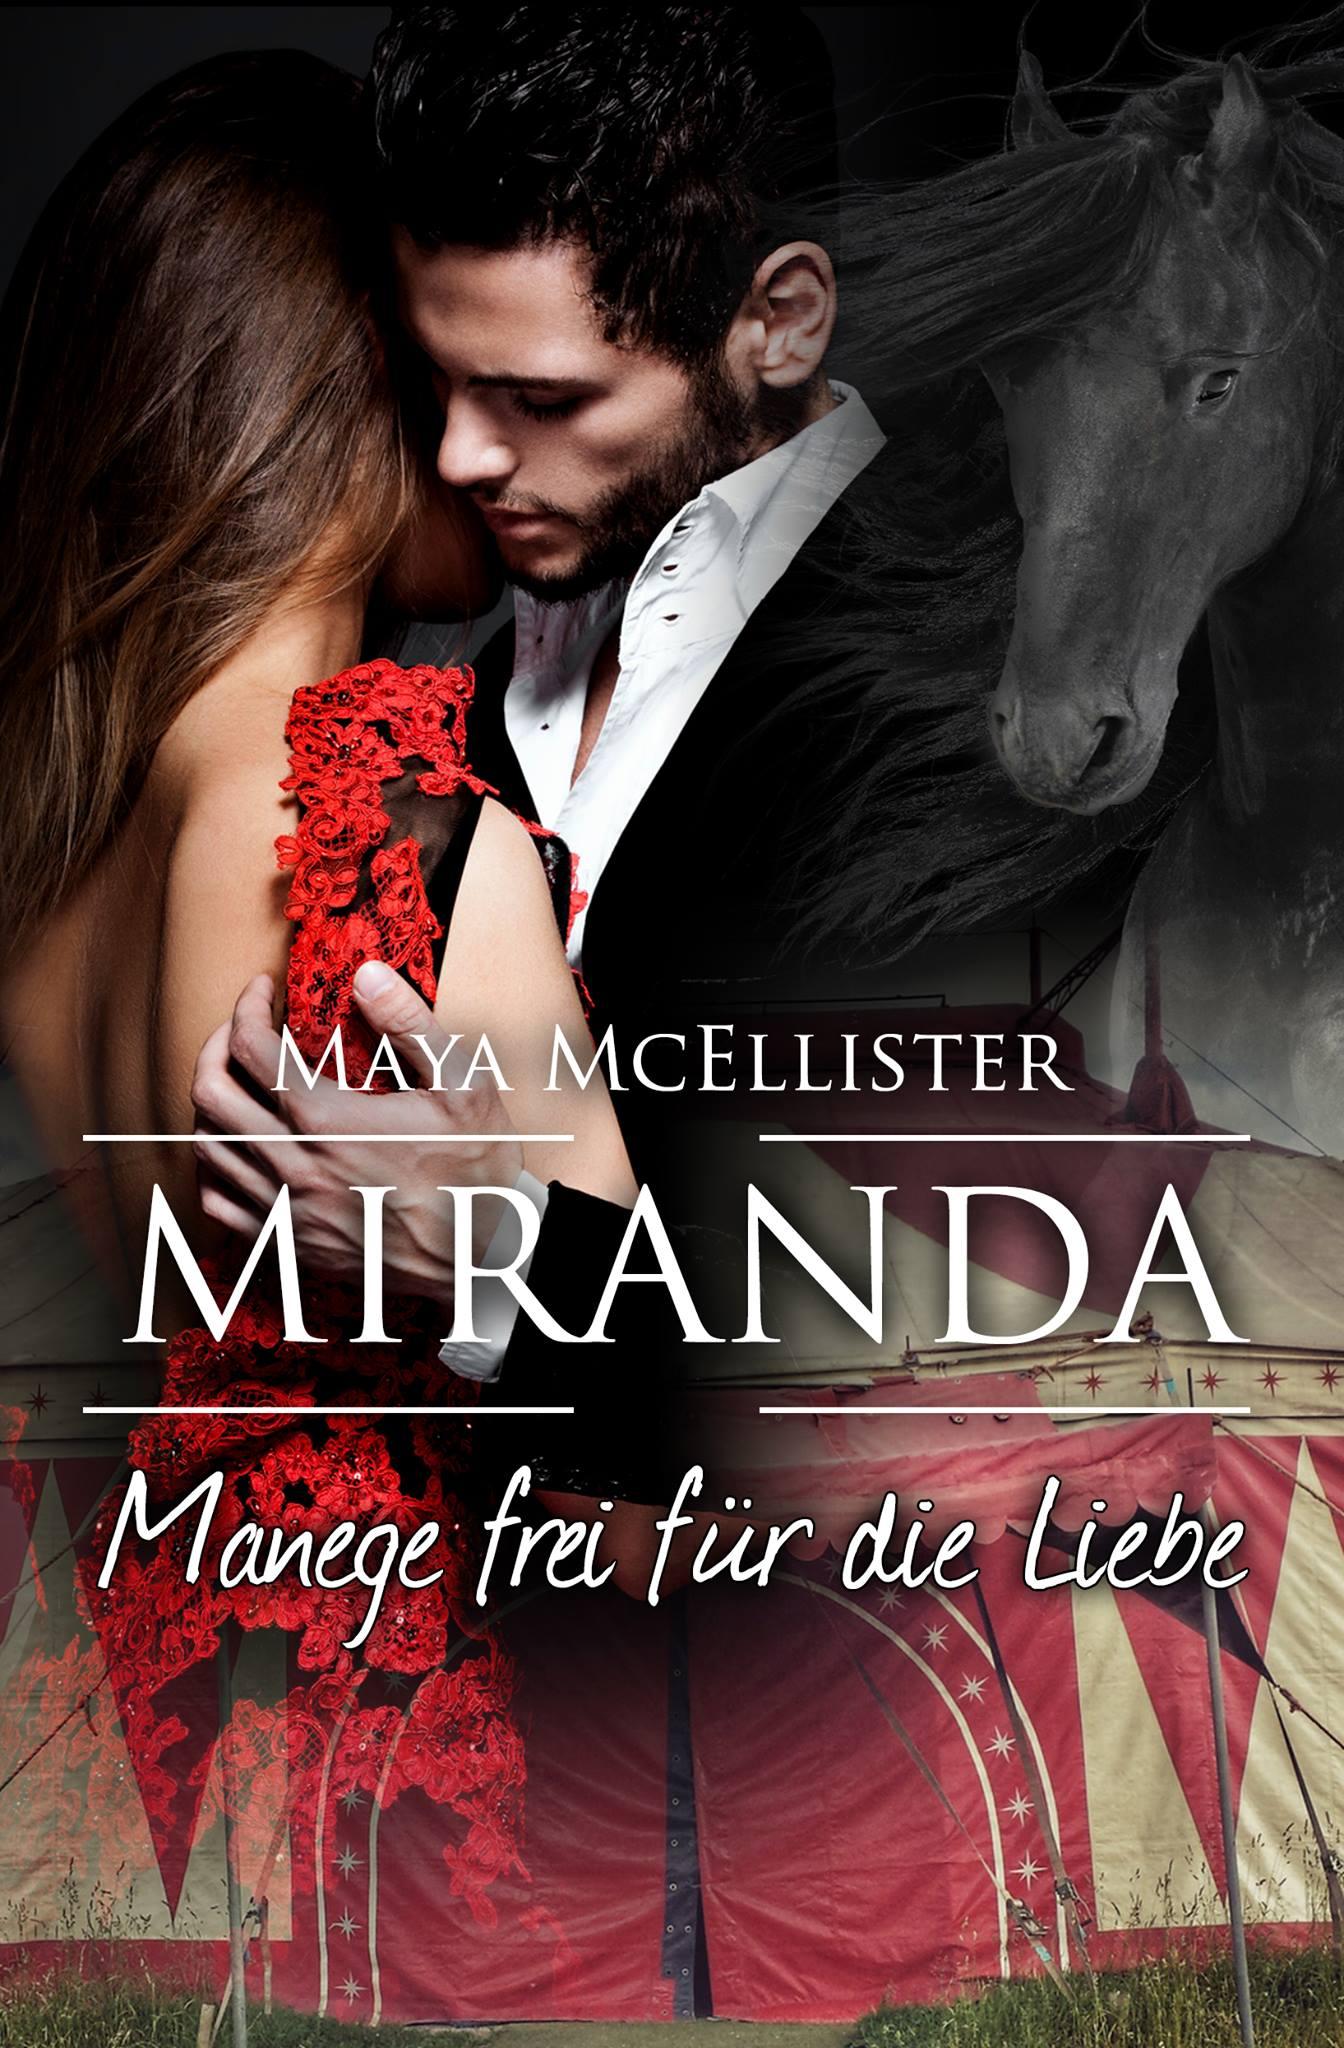 Maya McEllister – Miranda: Manege frei für die Liebe